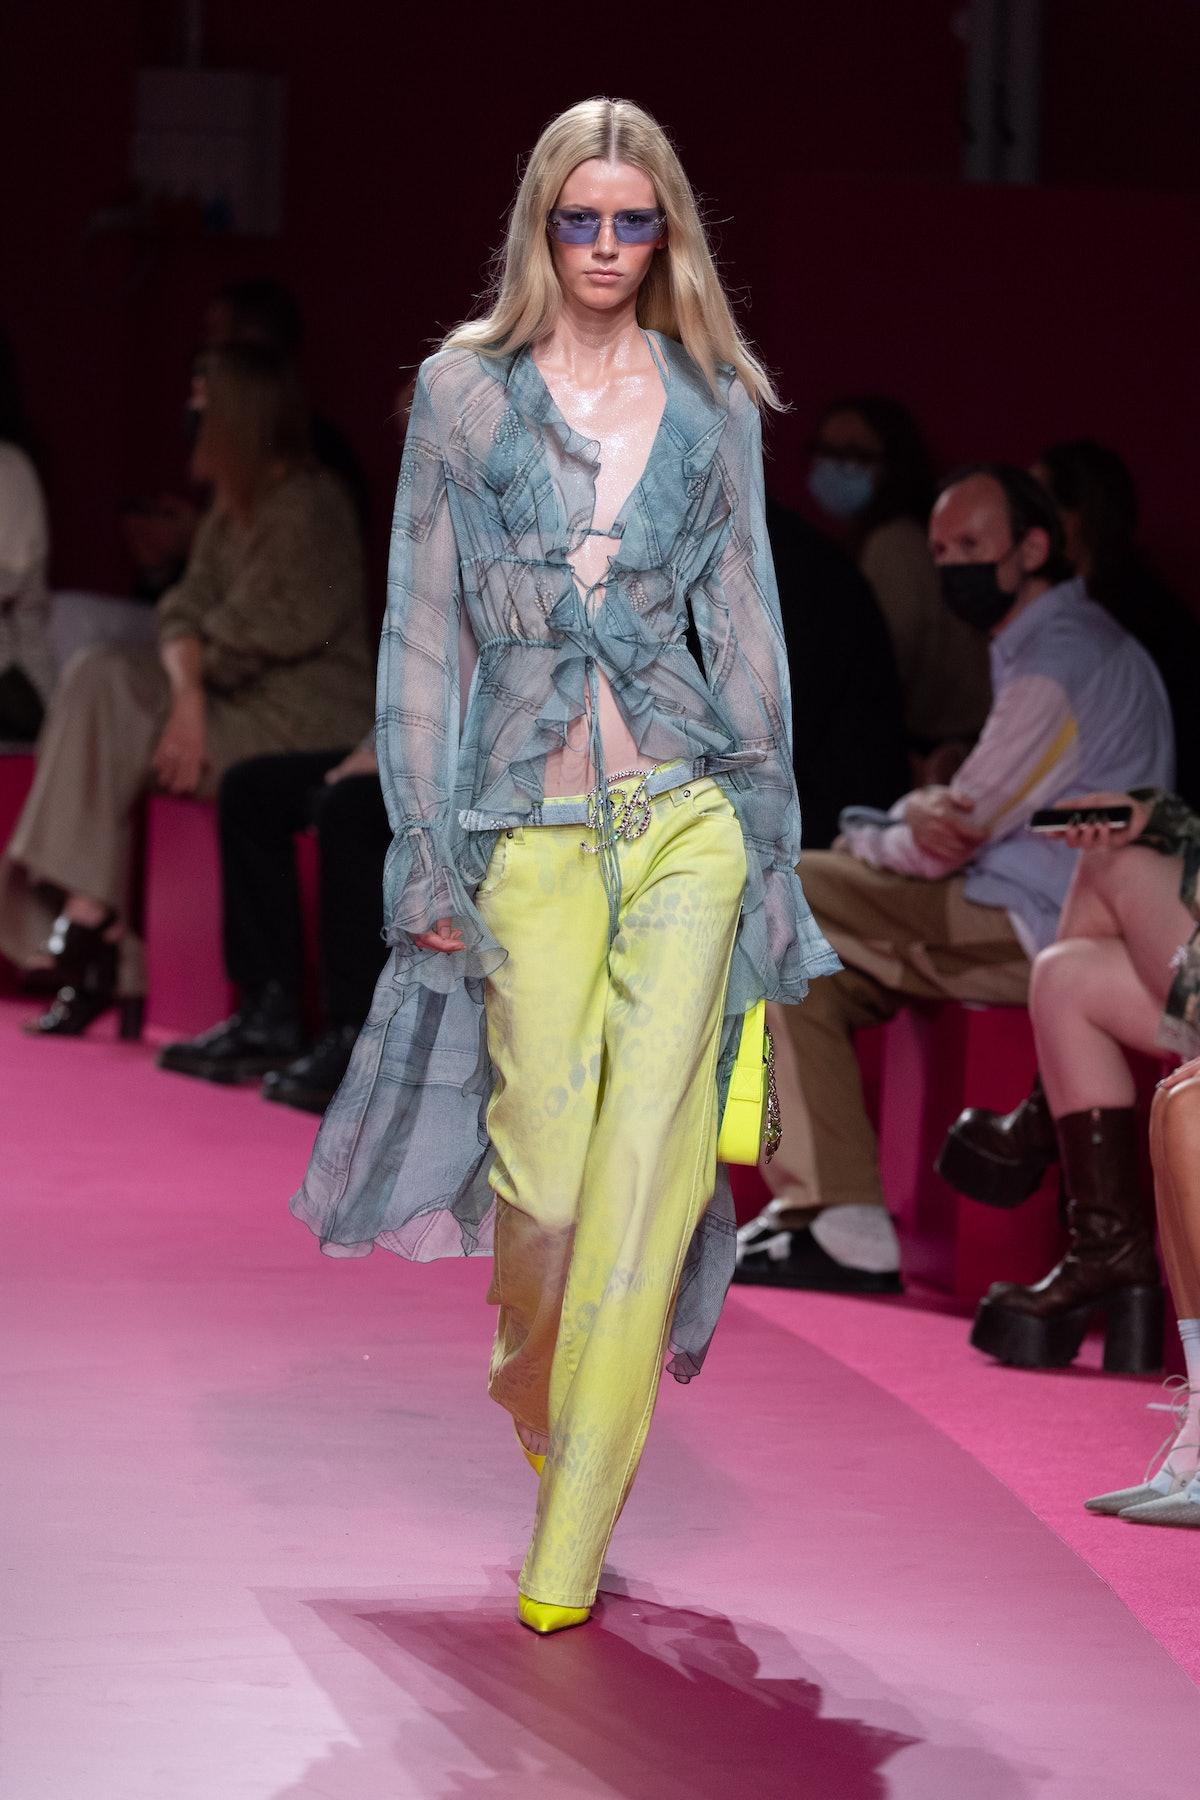 میلان ، ایتالیا - 23 سپتامبر: یک مدل در طول Blumarine Ready to Dress/Summare روی باند پیاده روی می کند ...